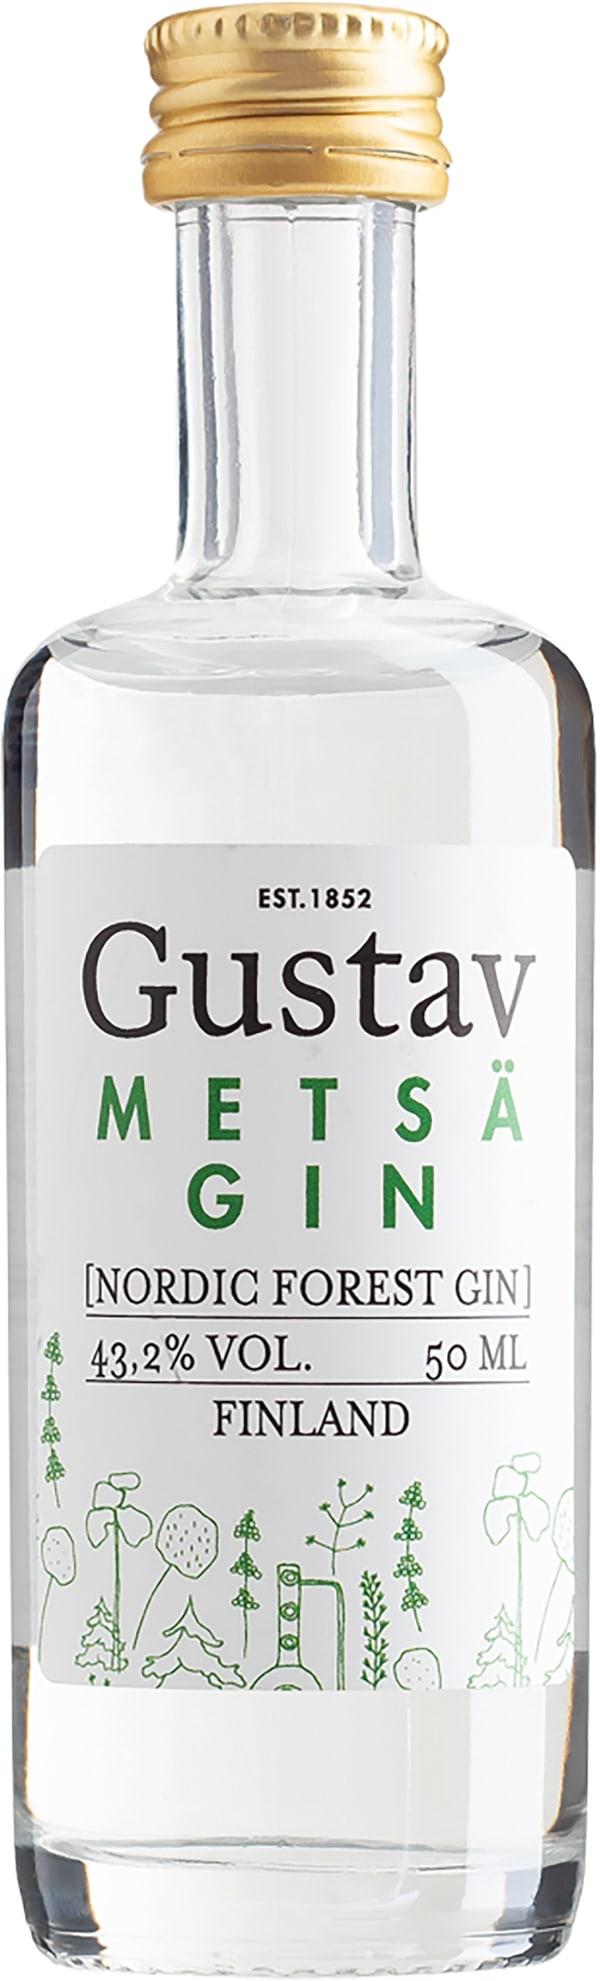 Gustav Metsä Gin